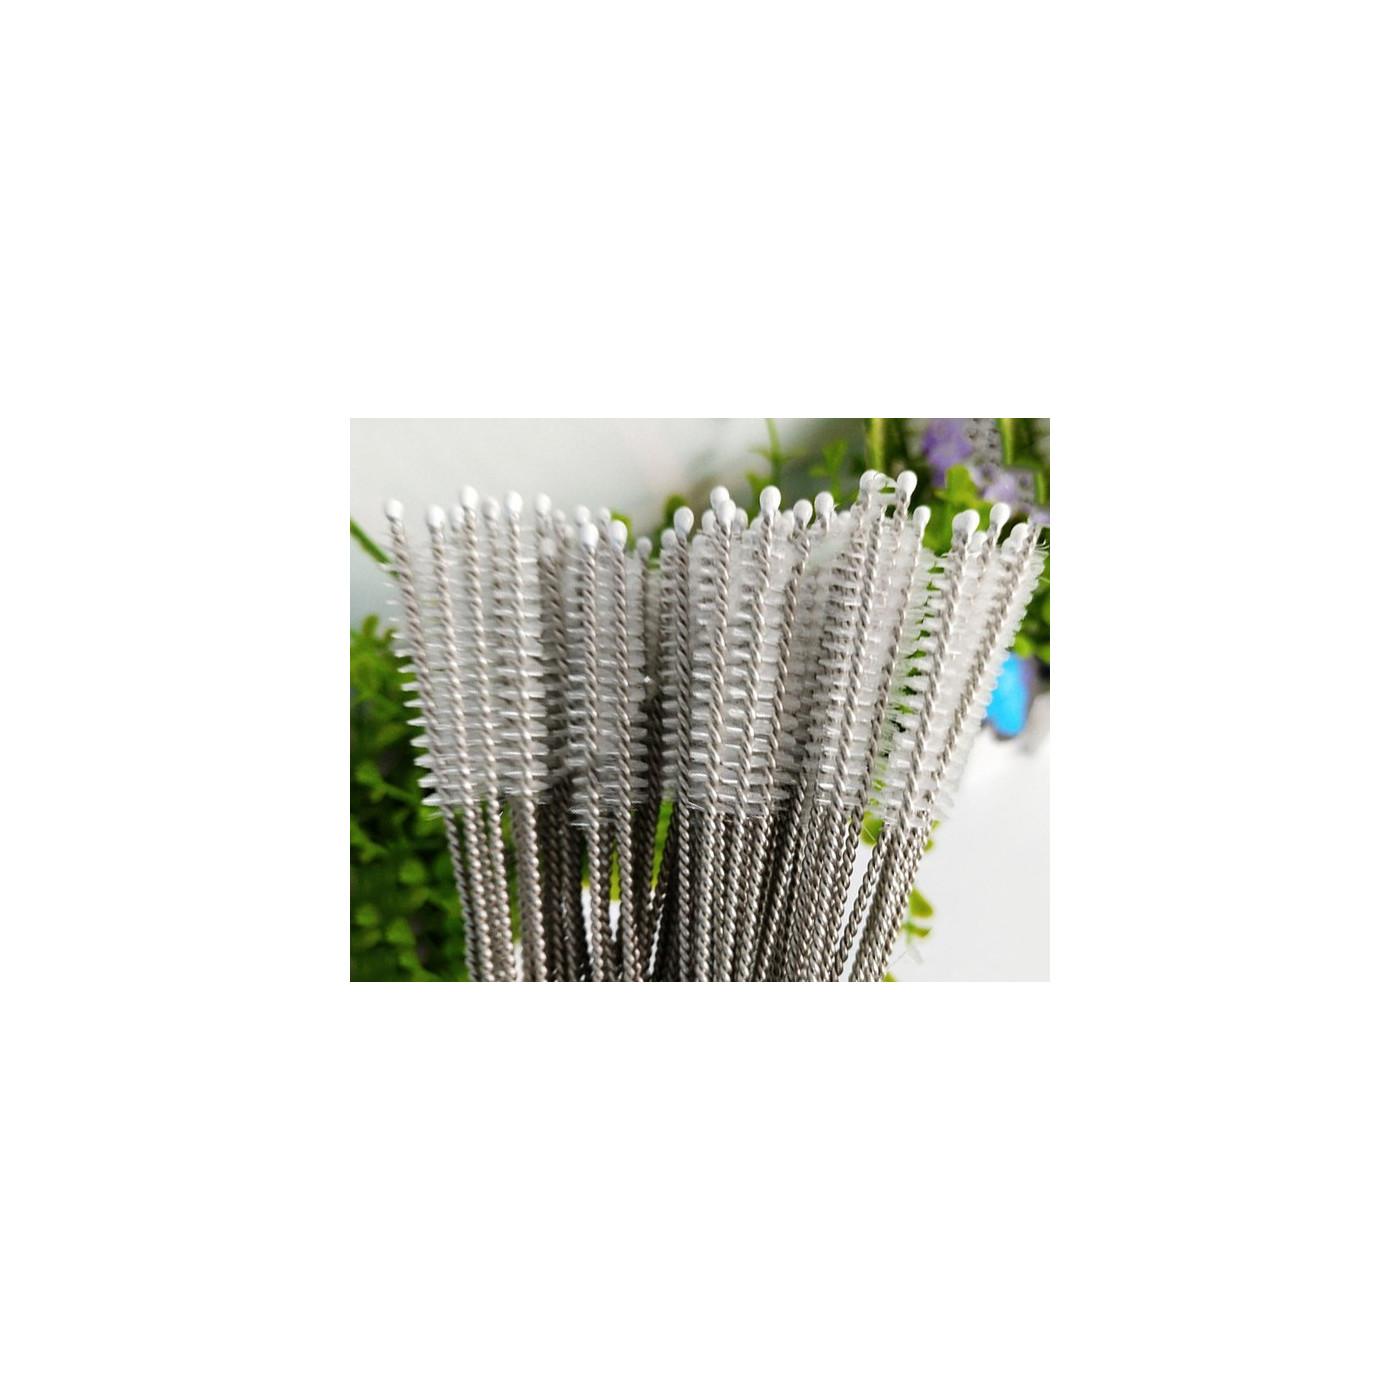 Set van 40 lange rvs borsteltjes voor schoonmaak  - 1